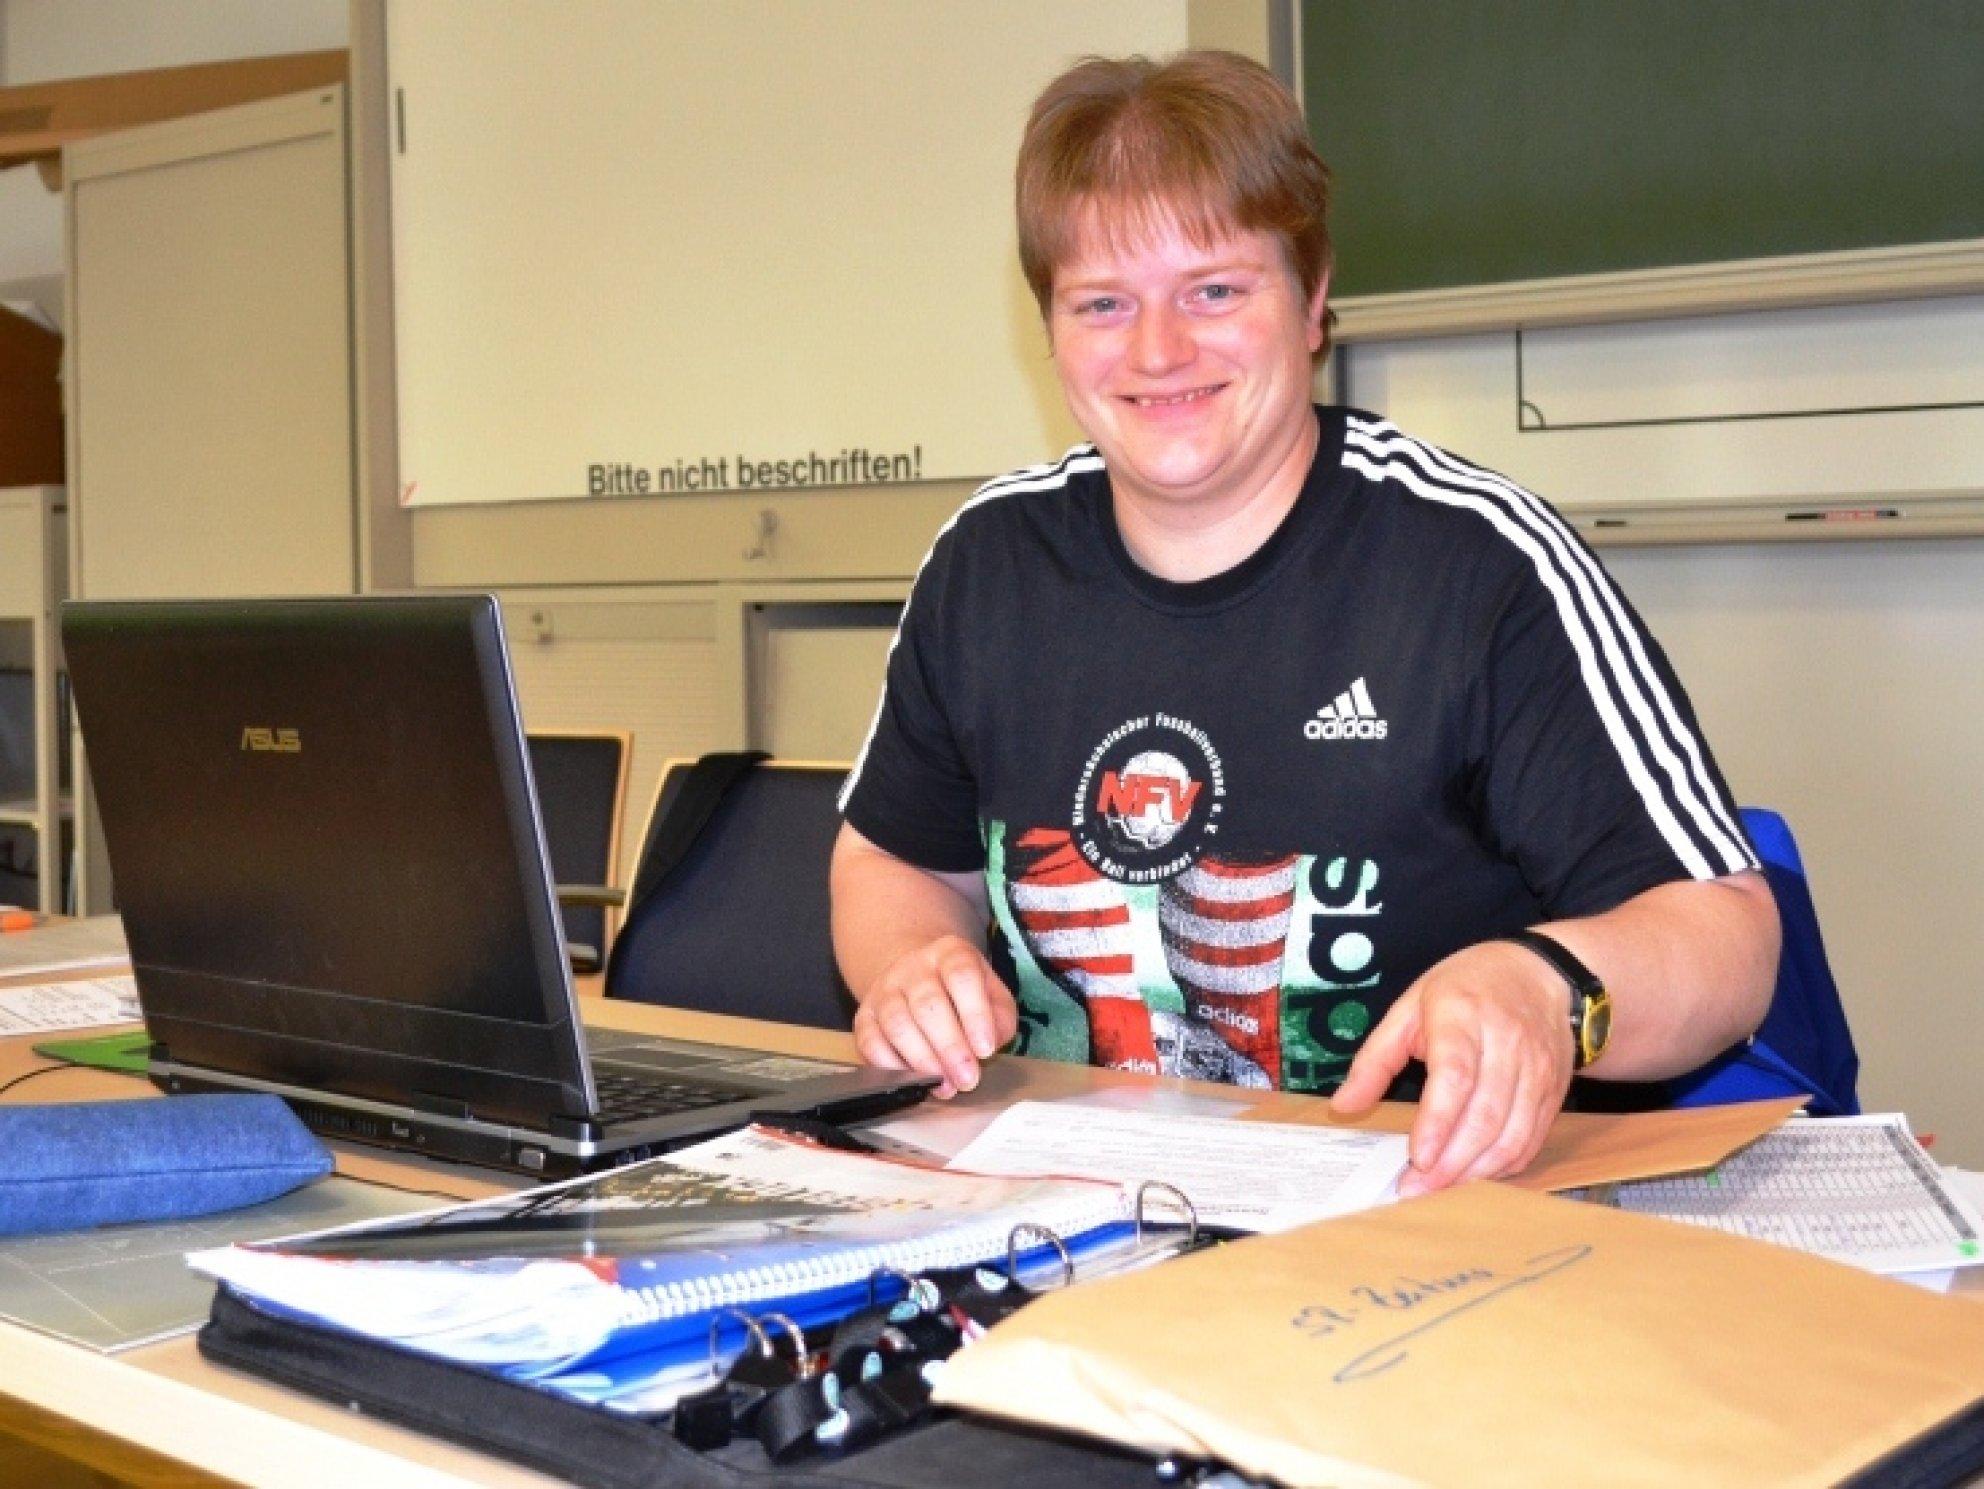 Corinna Hedt, BSA Hannover